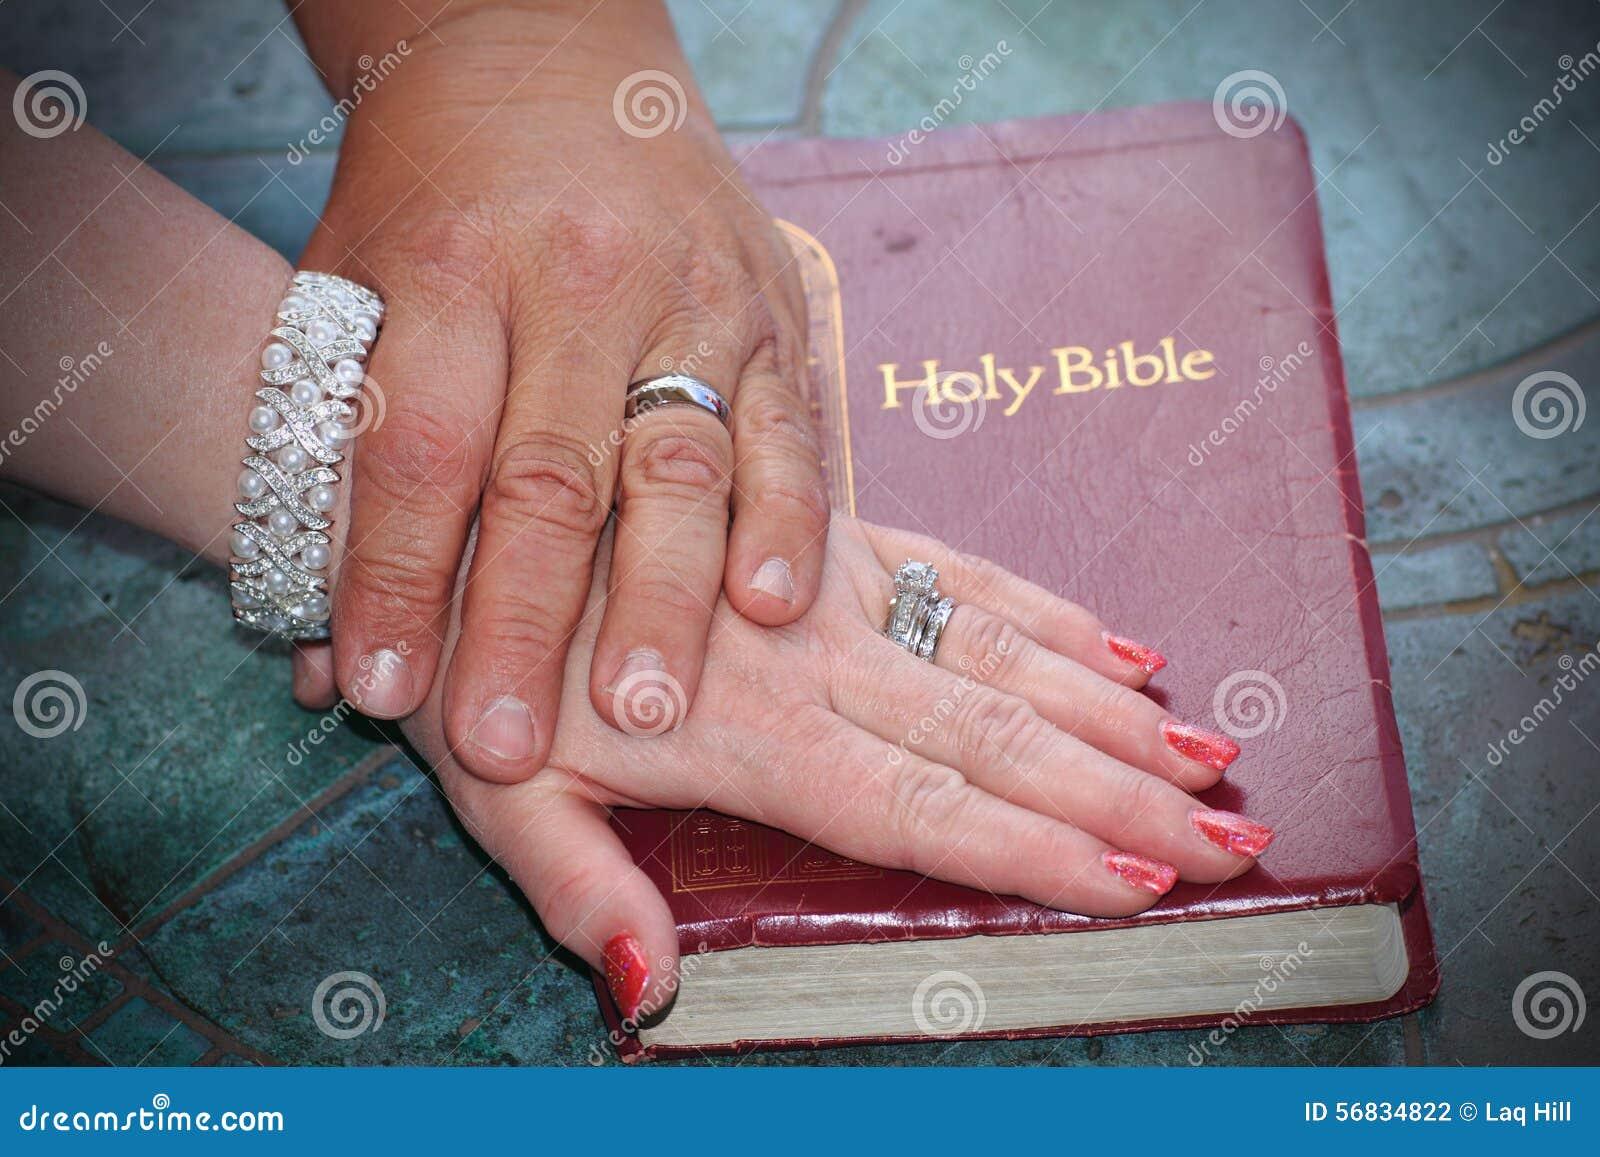 Bible Wedding Promise stock photo. Image of celebration - 56834822